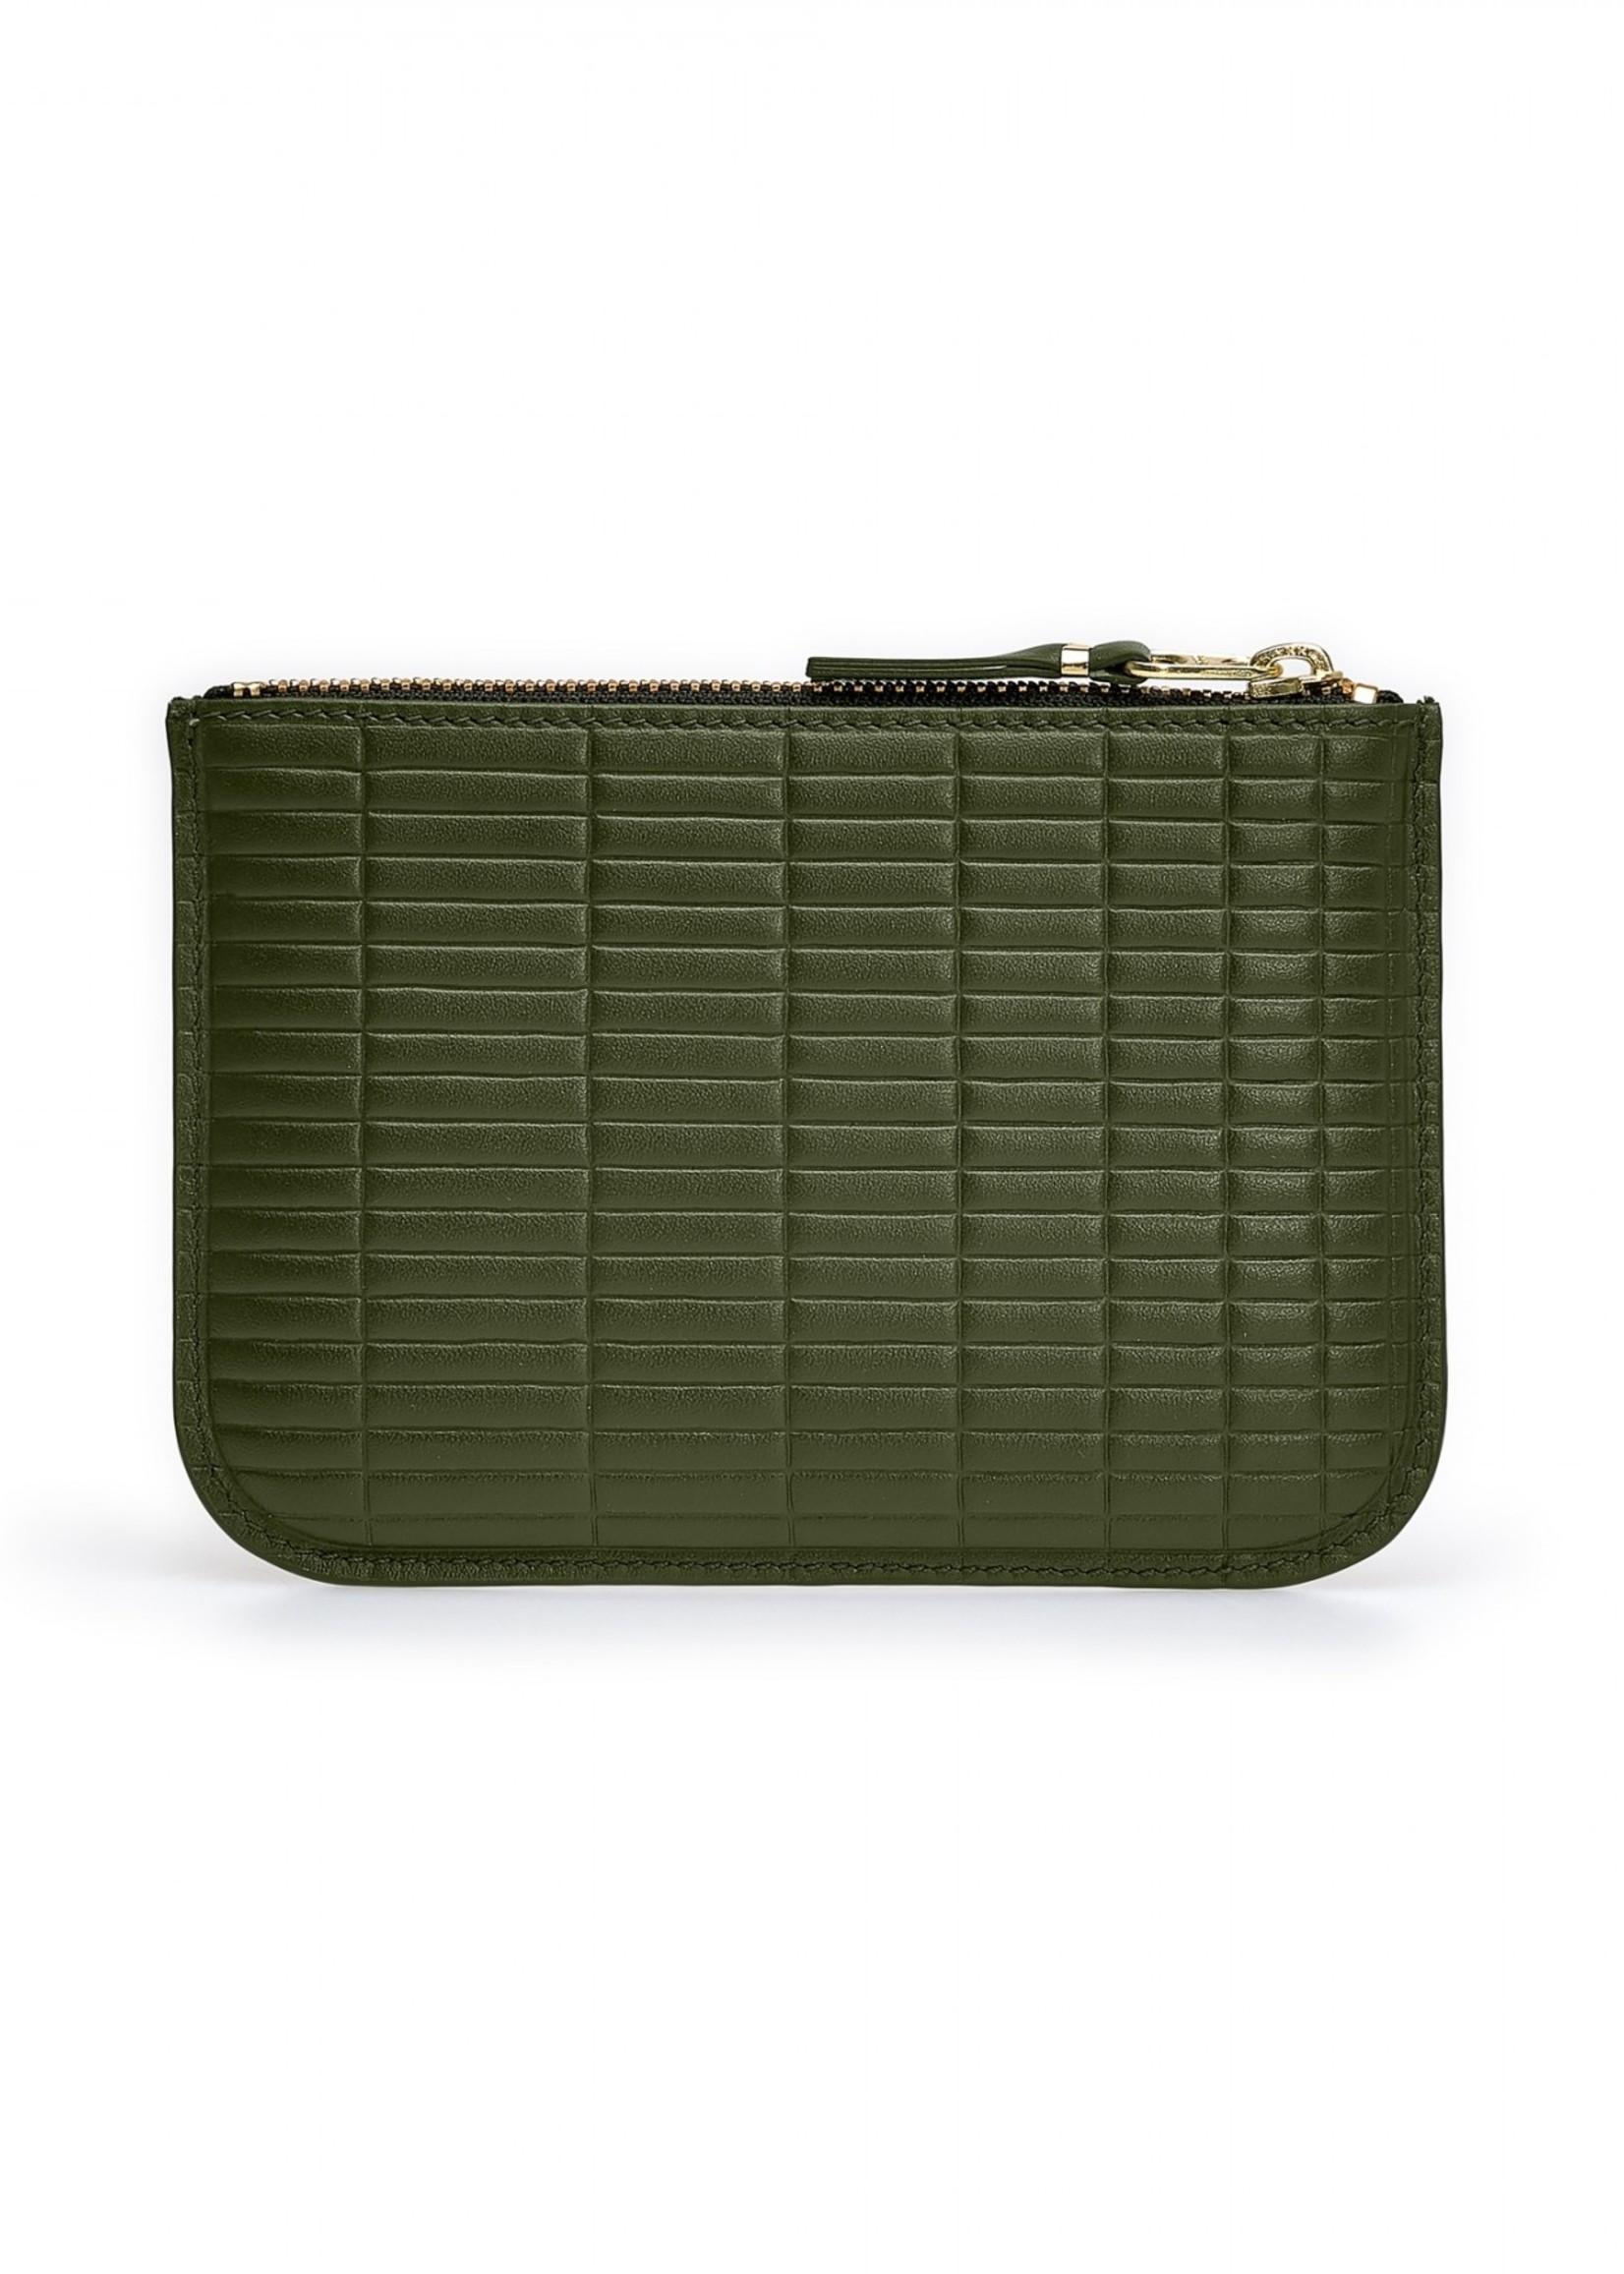 COMME des GARÇONS WALLET Small Zip Pouch Embossed Brick Khaki  SA8100BK